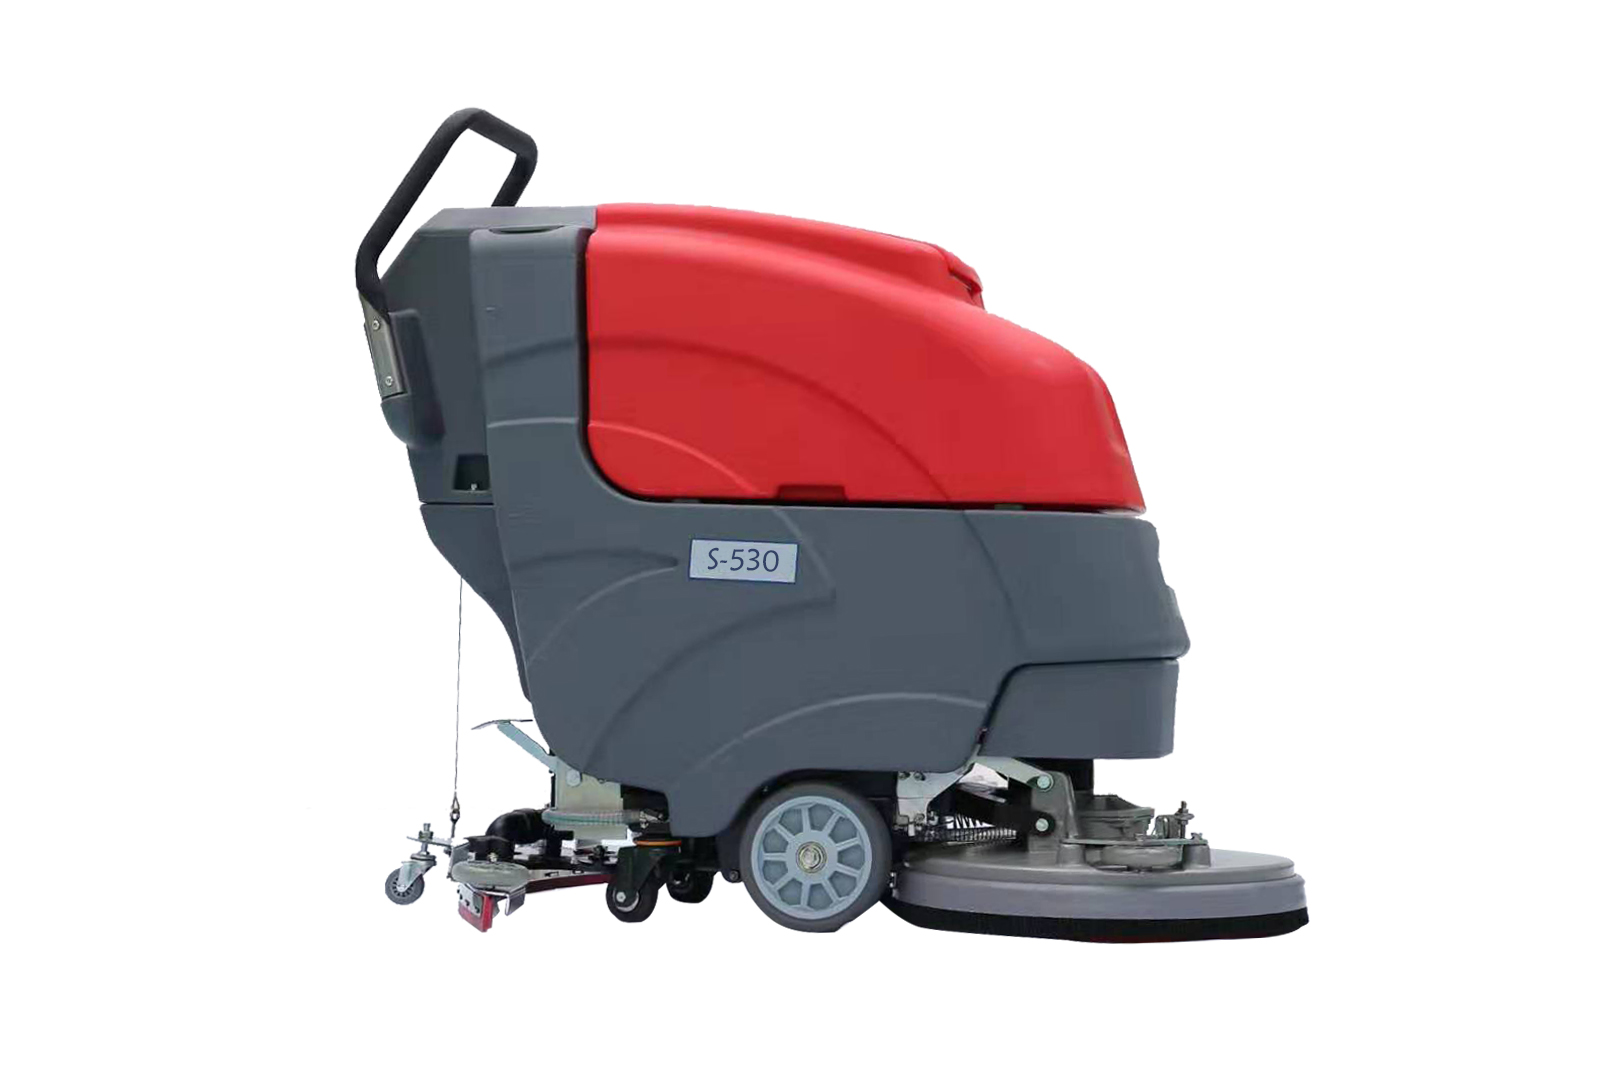 手推式洗地机S530